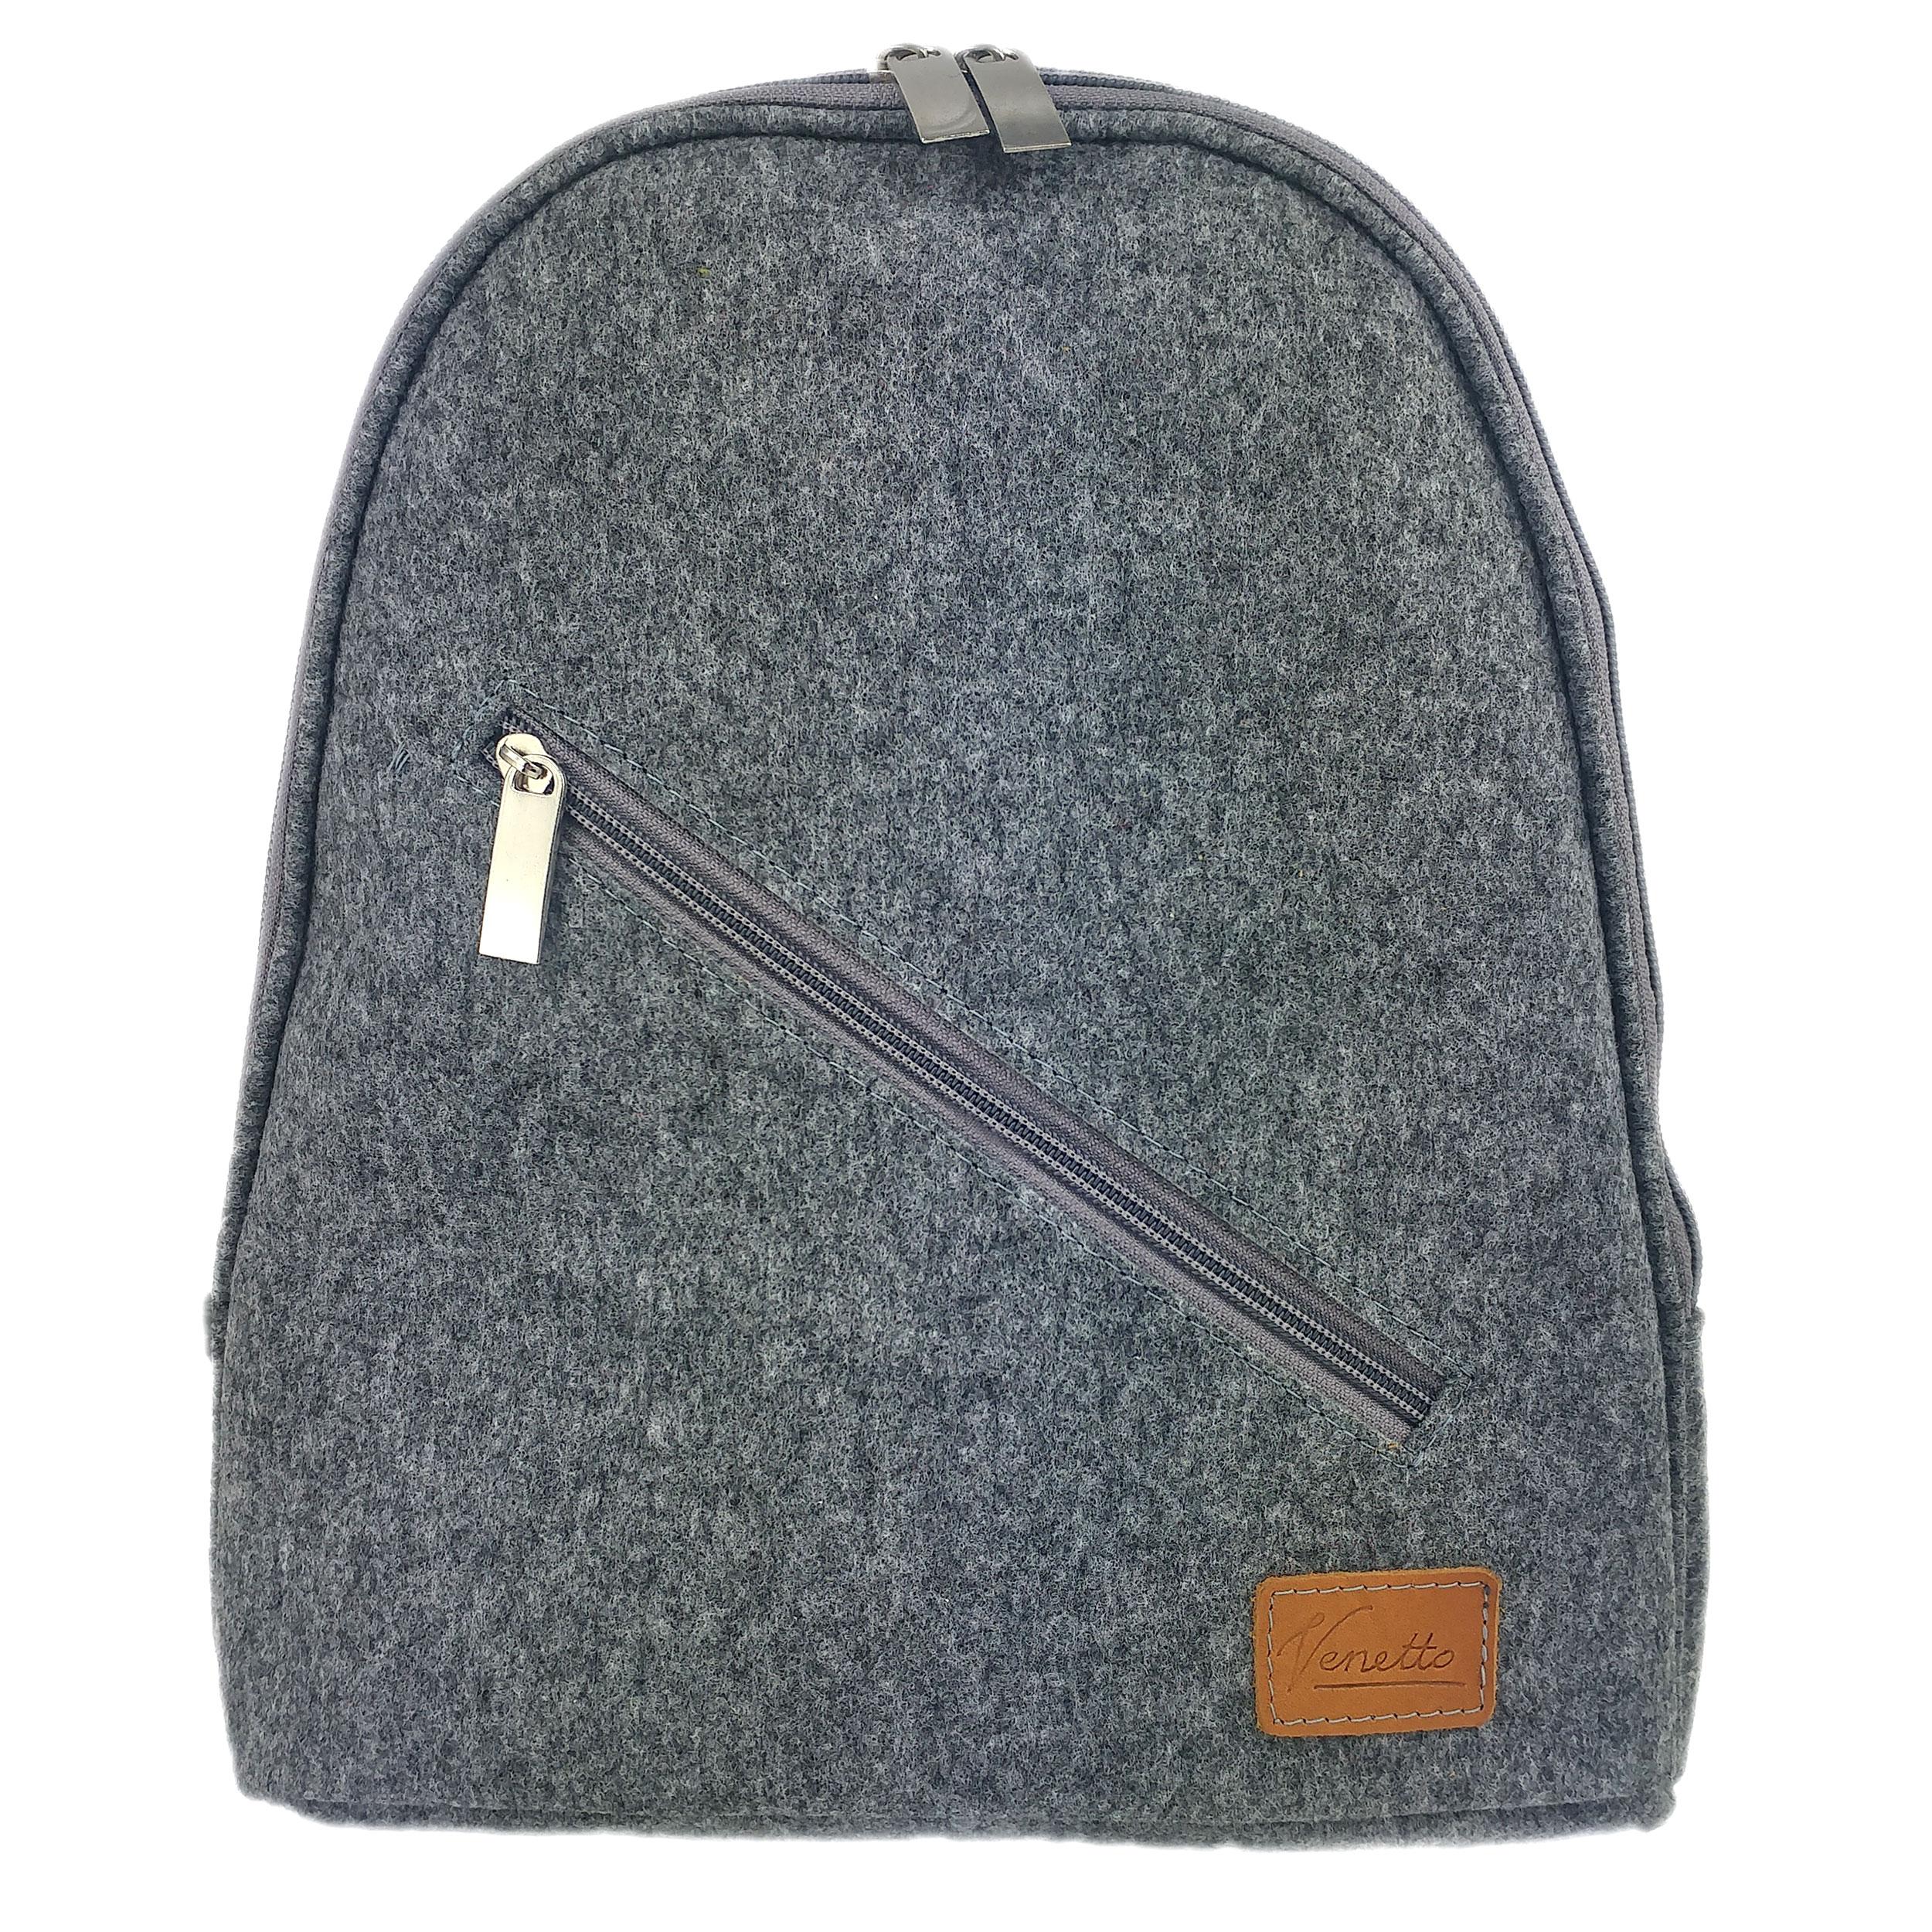 Rucksack aus Filz. Hersteller.